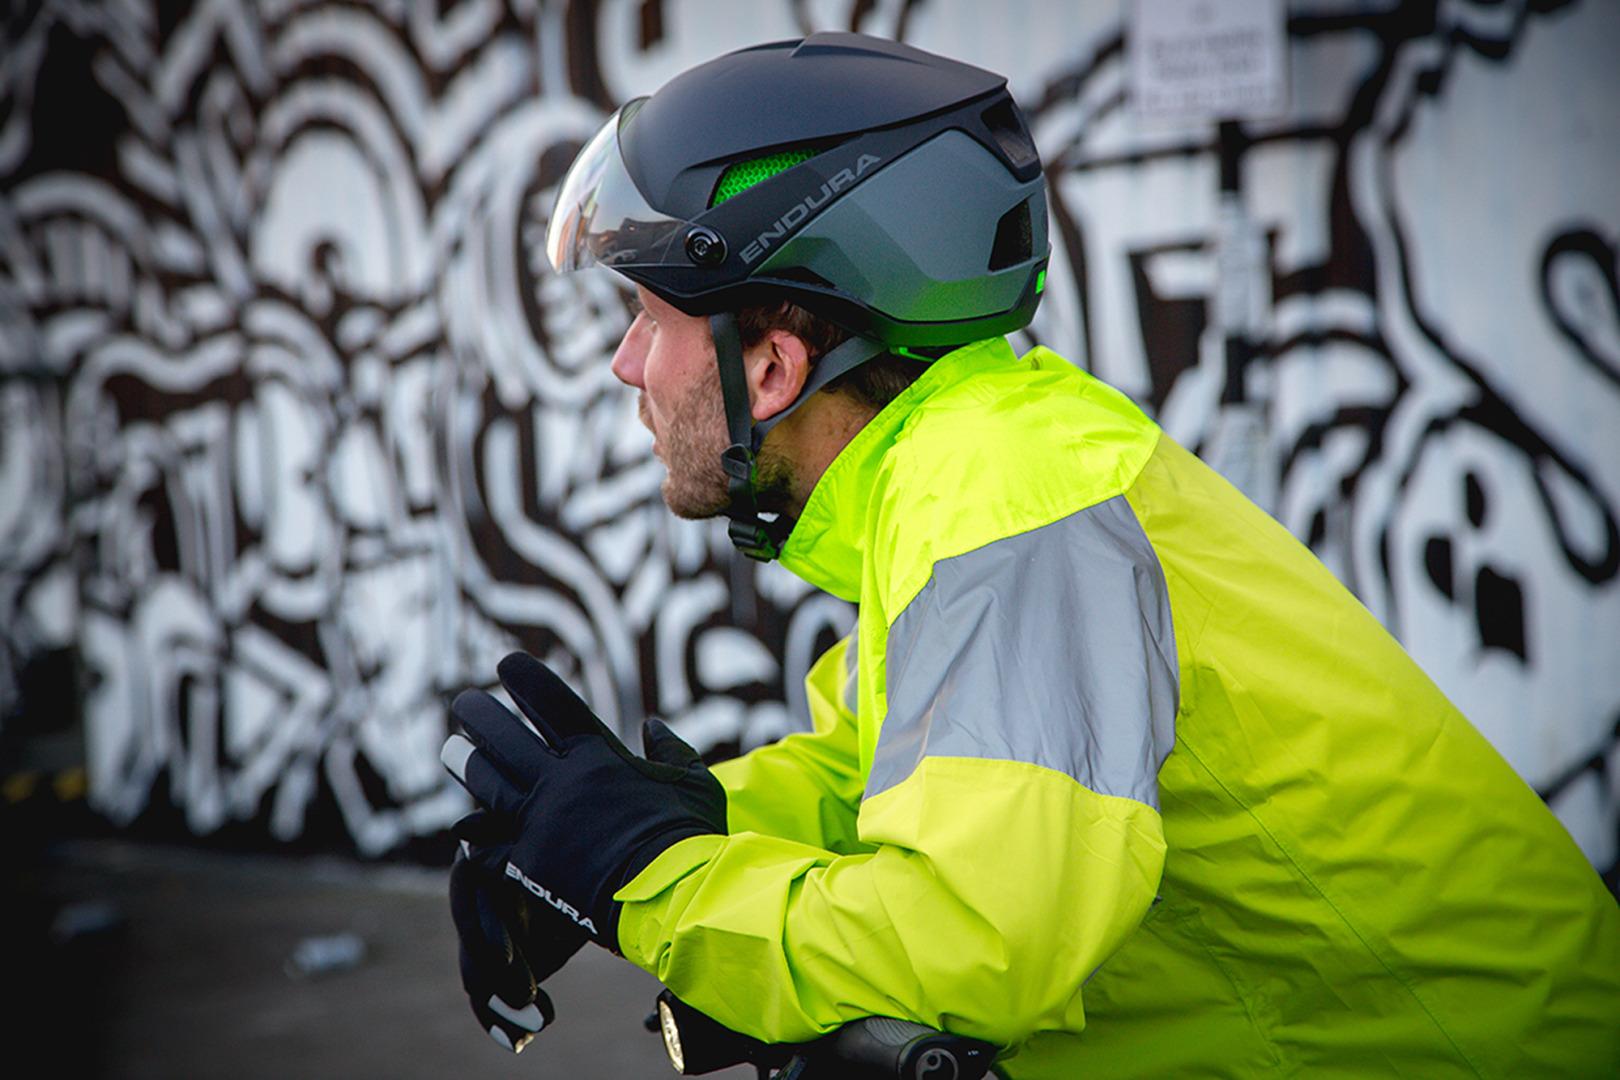 Wysoki poziom ochrony dla wysokich prędkości: Kask Endura SPEED PEDELEC